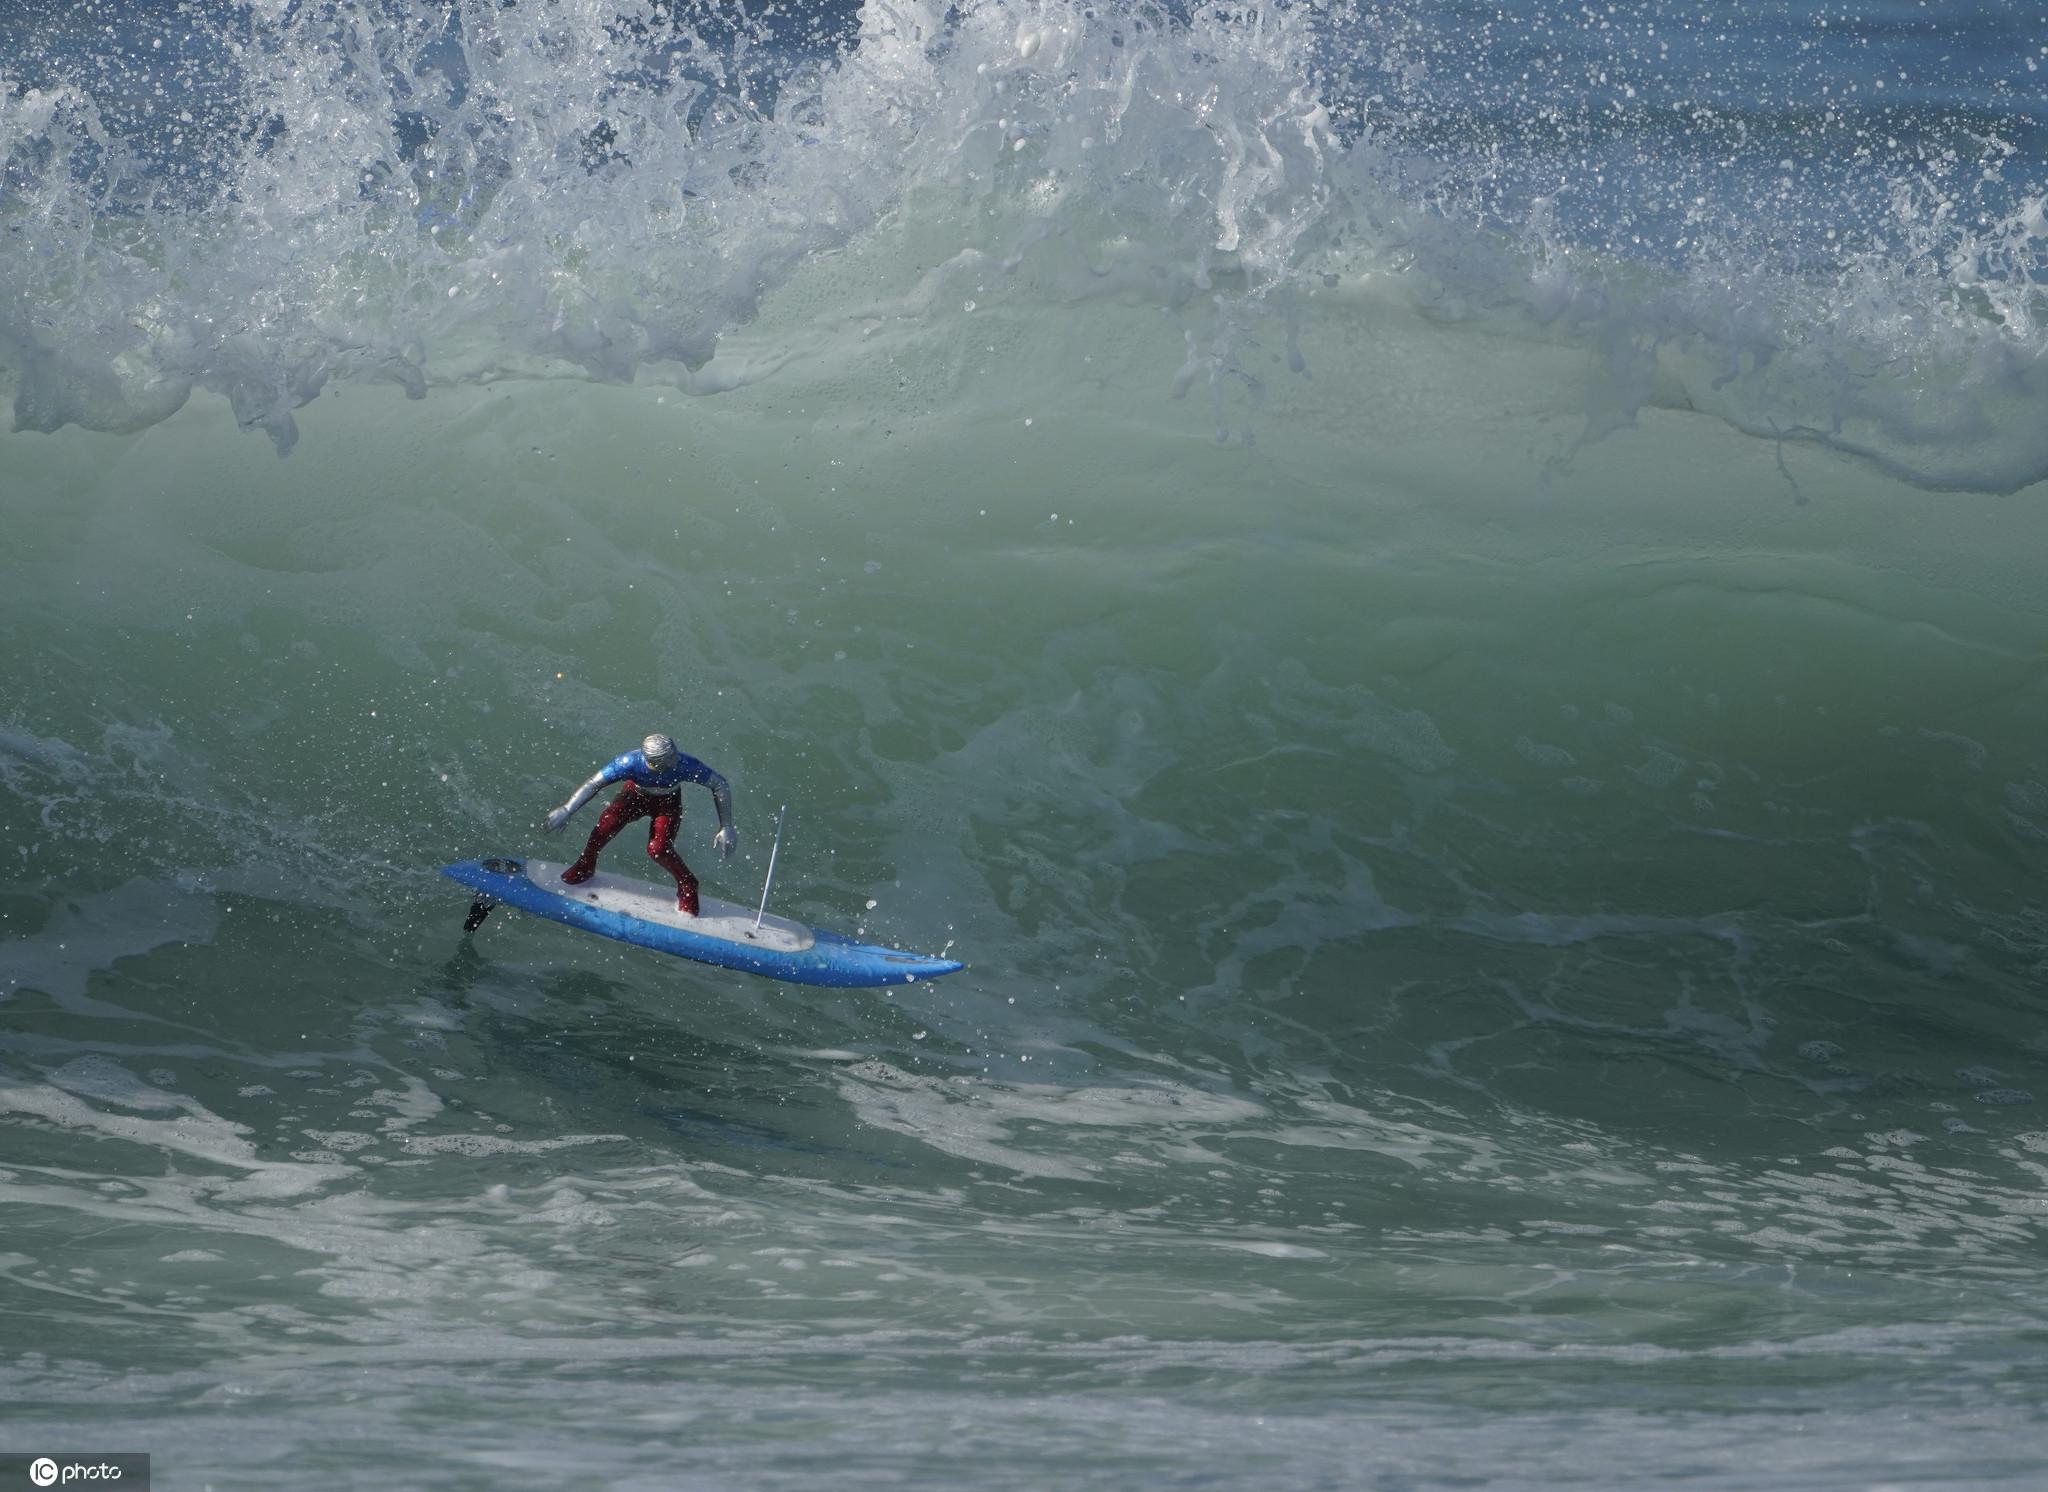 超級大潮侵襲美國加州海岸 沖浪者與巨浪勇敢搏鬥-圖5